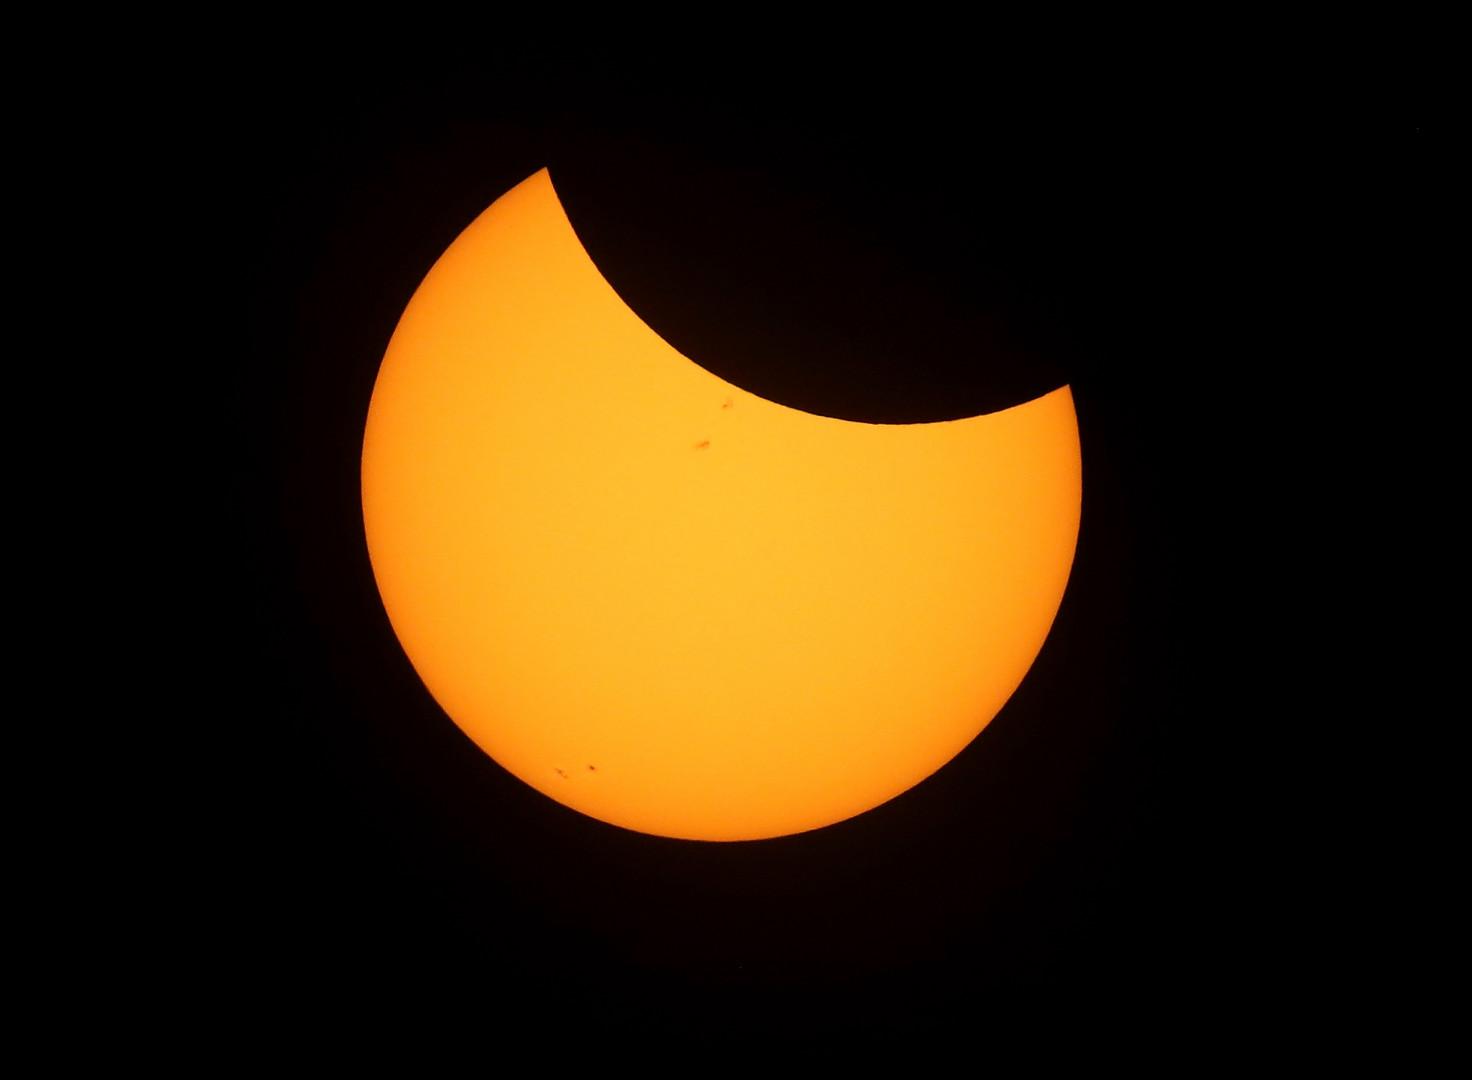 La dernière éclipse totale de Soleil visible aux États-Unis a eu lieu en juin 1918.